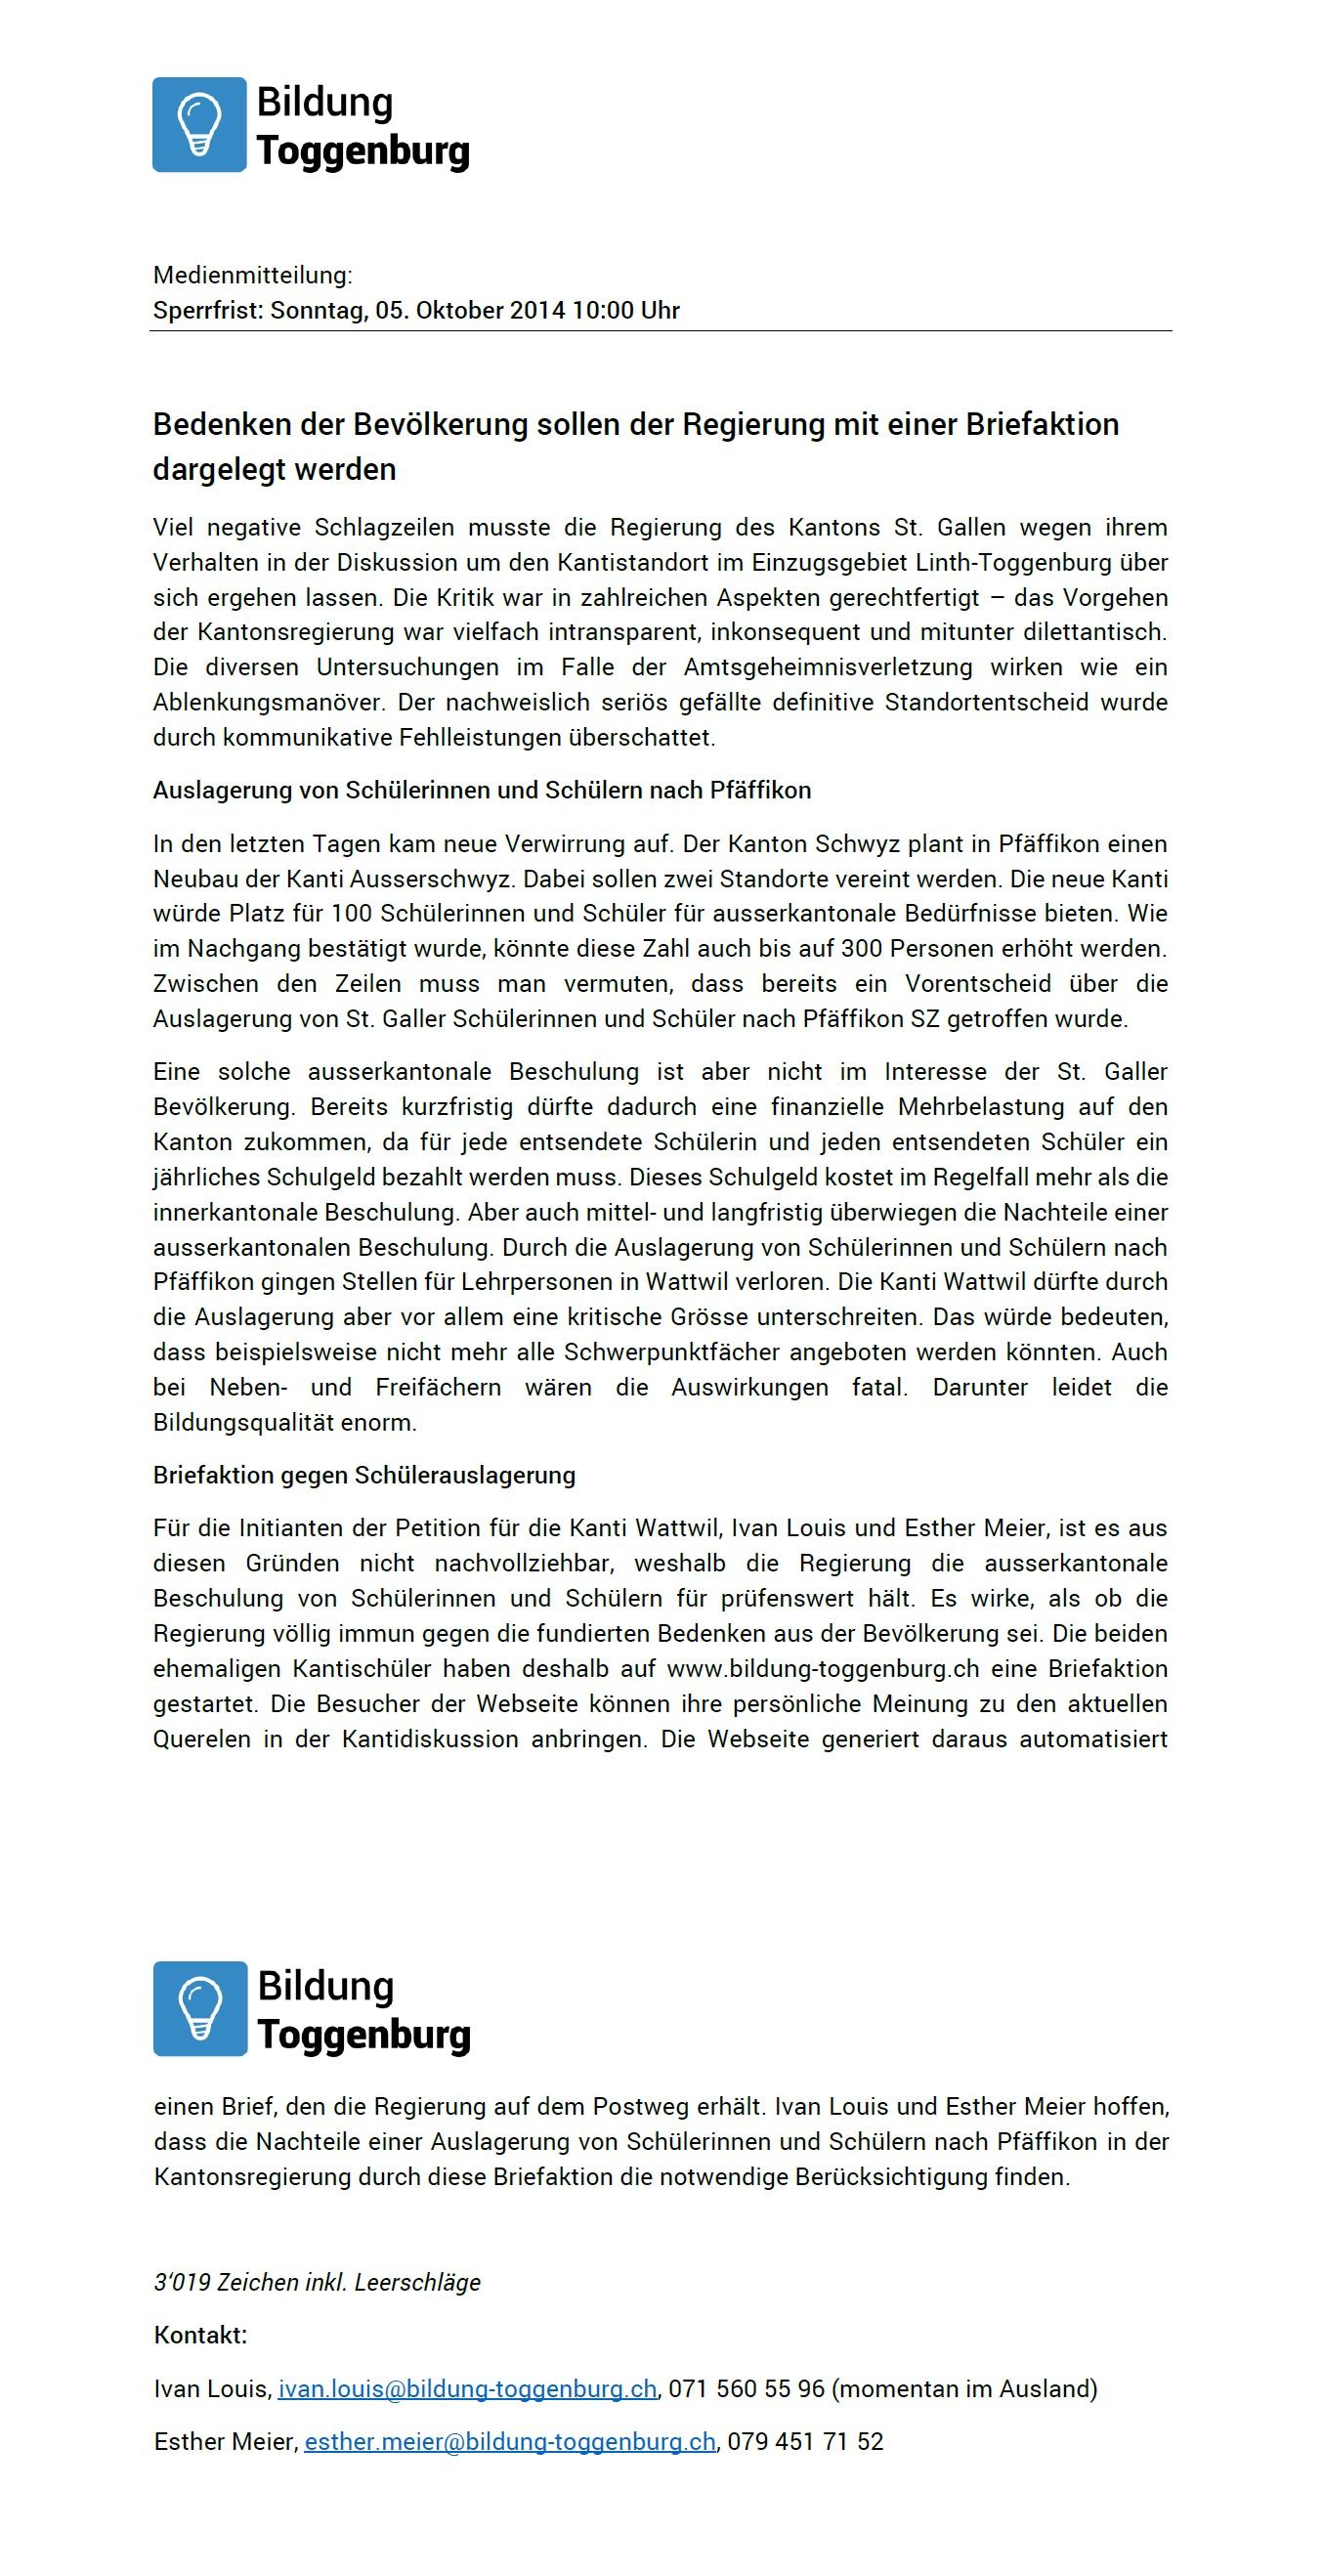 Medienmitteilung Kanti Wattwil: Bedenken der Bevölkerung sollen der Regierung mit einer Briefaktion dargelegt werden (Sonntag, 05.10.2014)